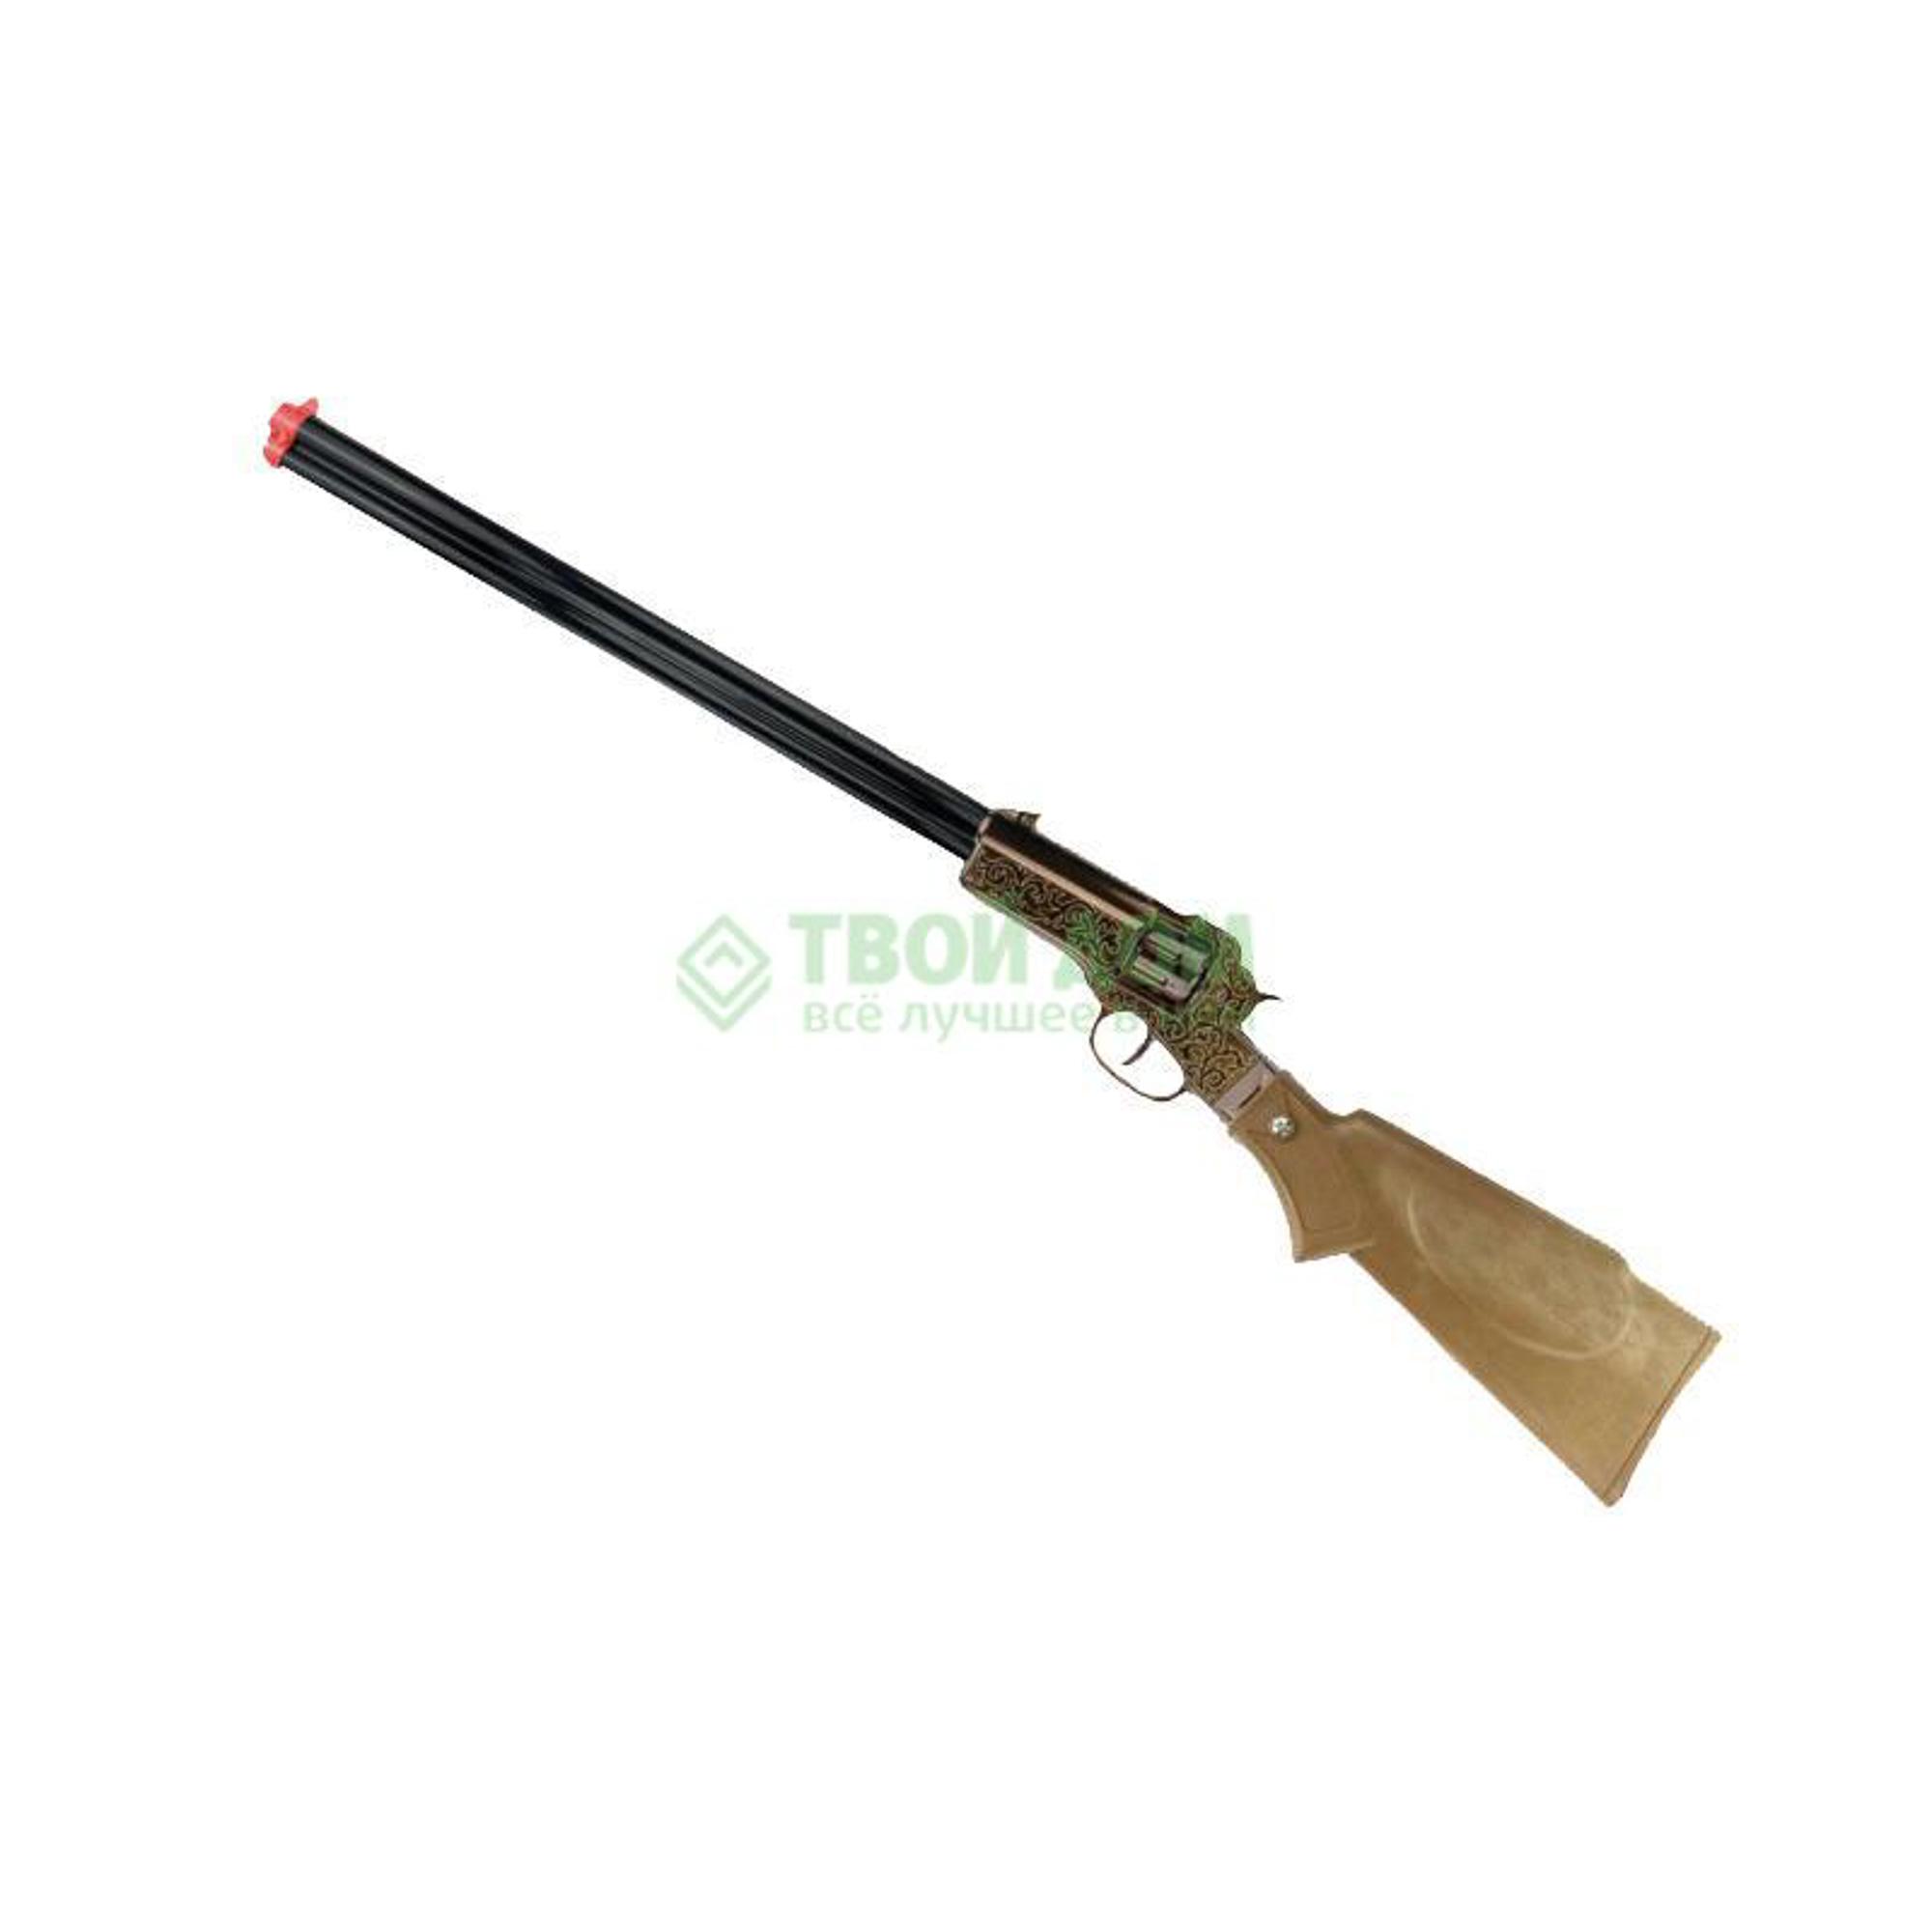 Фото - Бластер Sohni-wicke Винтовка rapid fire 8-зарядные игрушечное оружие sohni wicke пистолет texas rapido 8 зарядные gun western 214mm